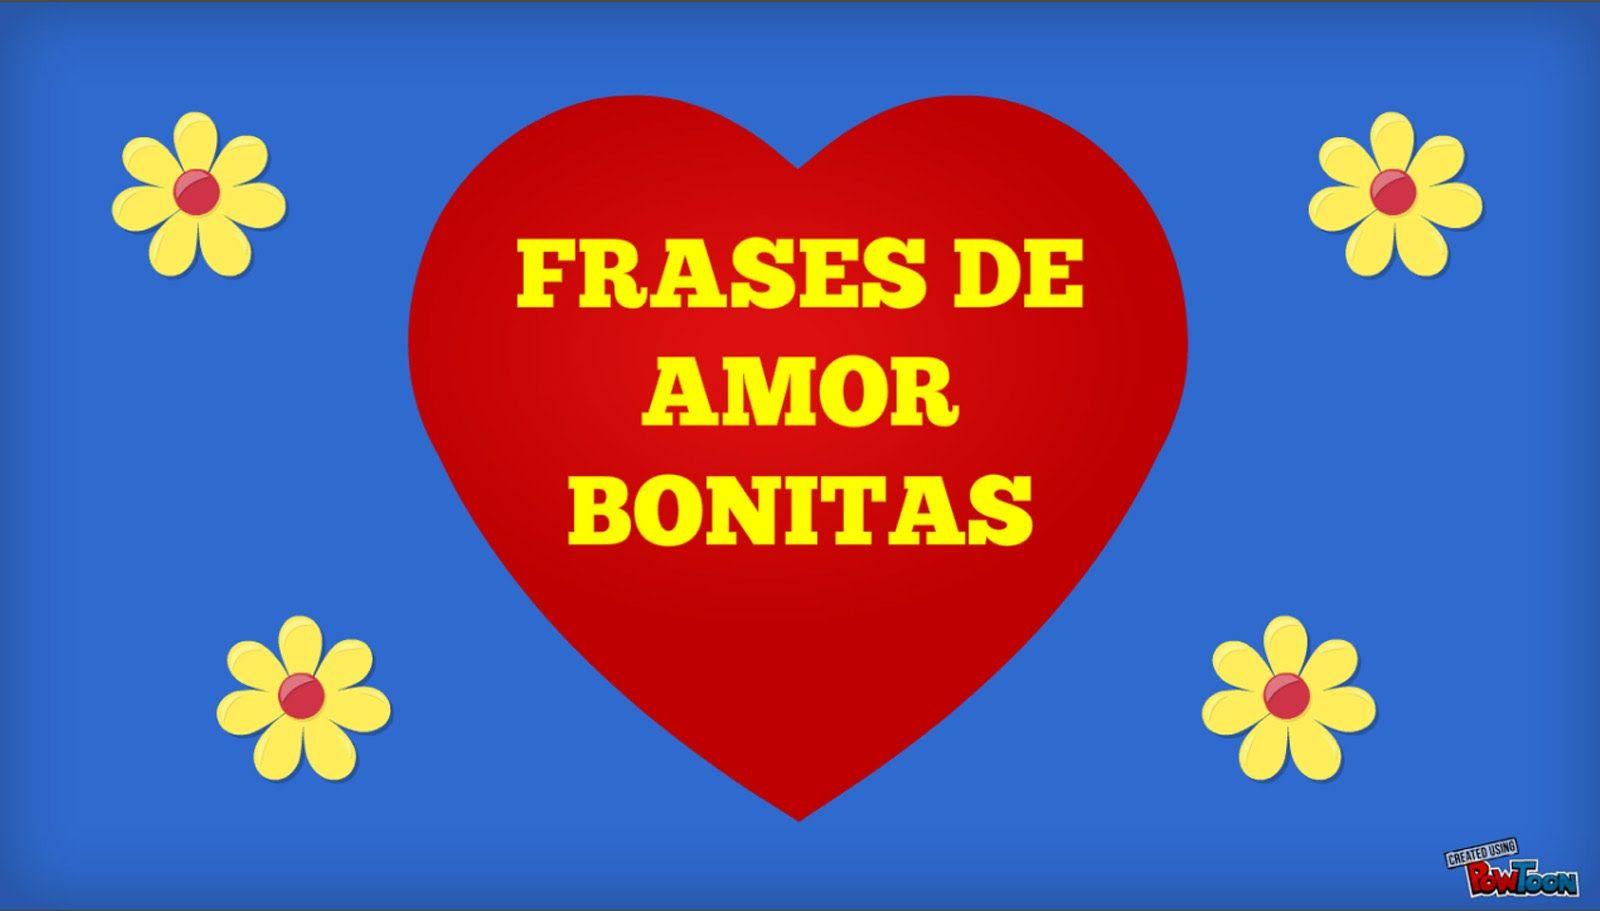 Frases De Amor Y Amistad: Poemas De Amor, Poemas De Amor Y Amistad, Poemas De Amor